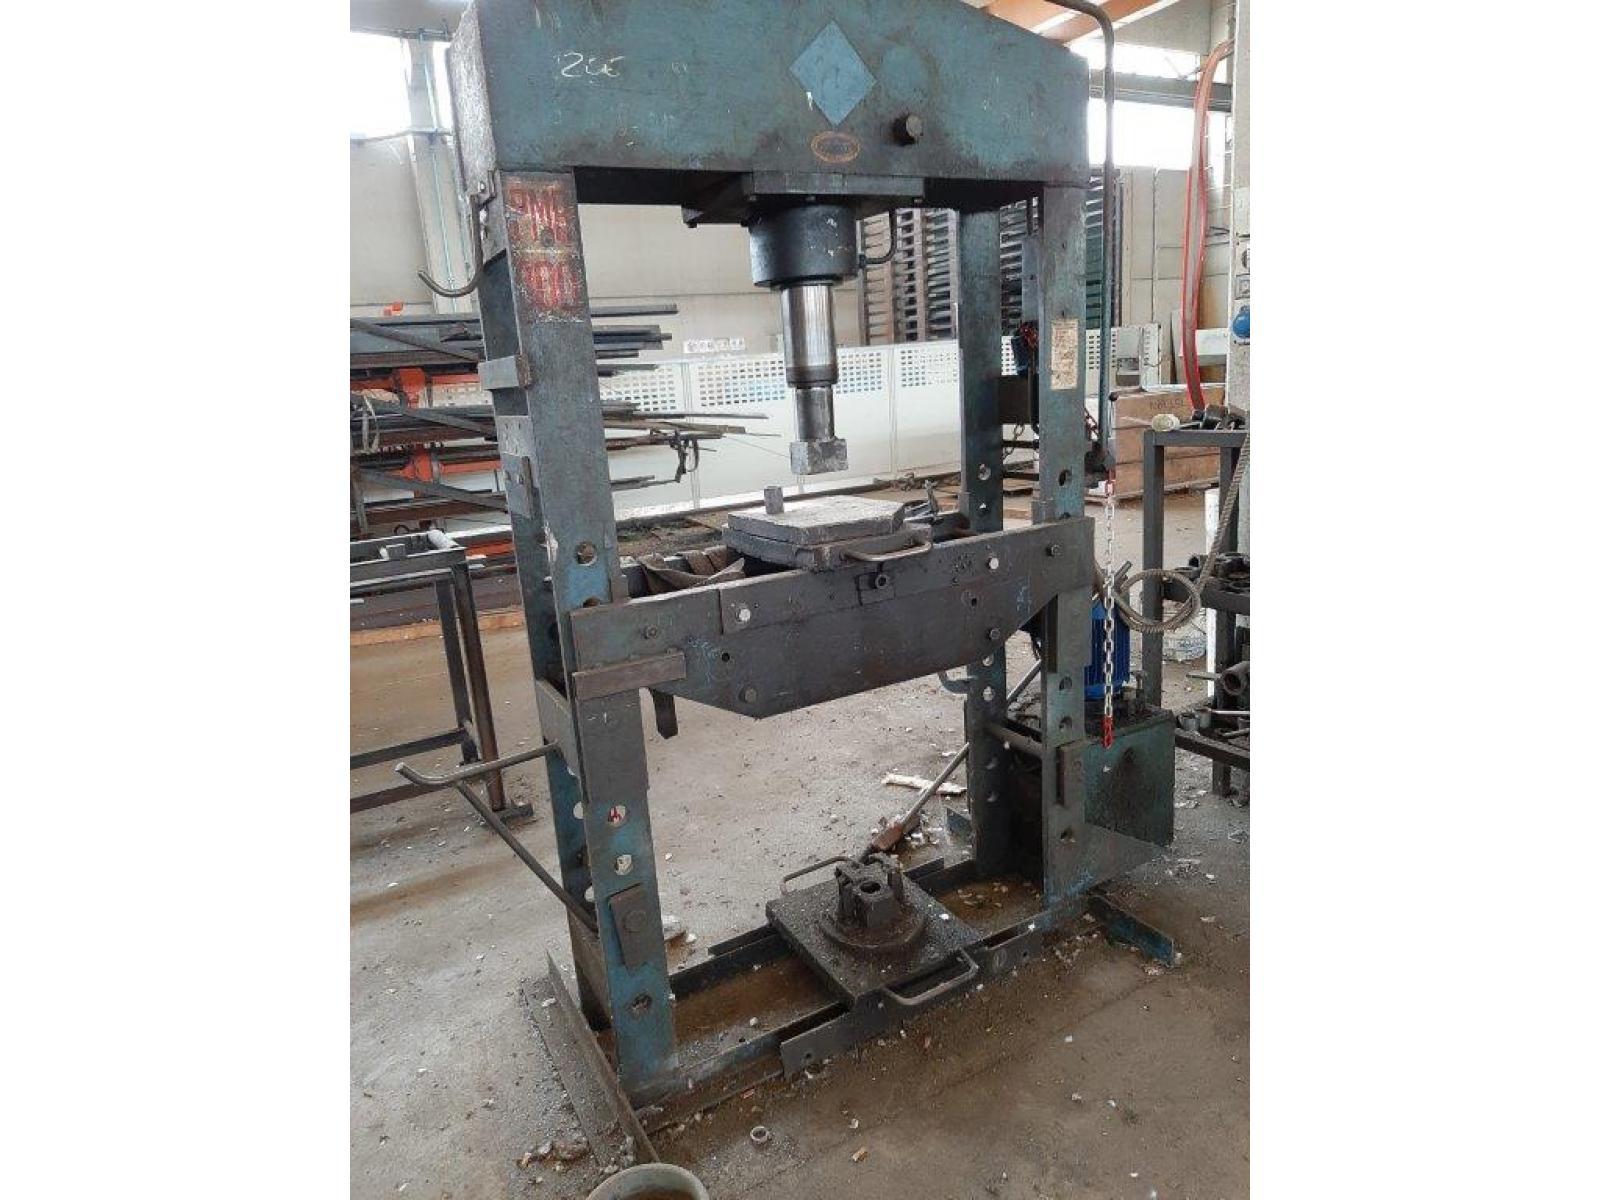 Pressa per officina 100 ton idraulica for Pressa idraulica per officina